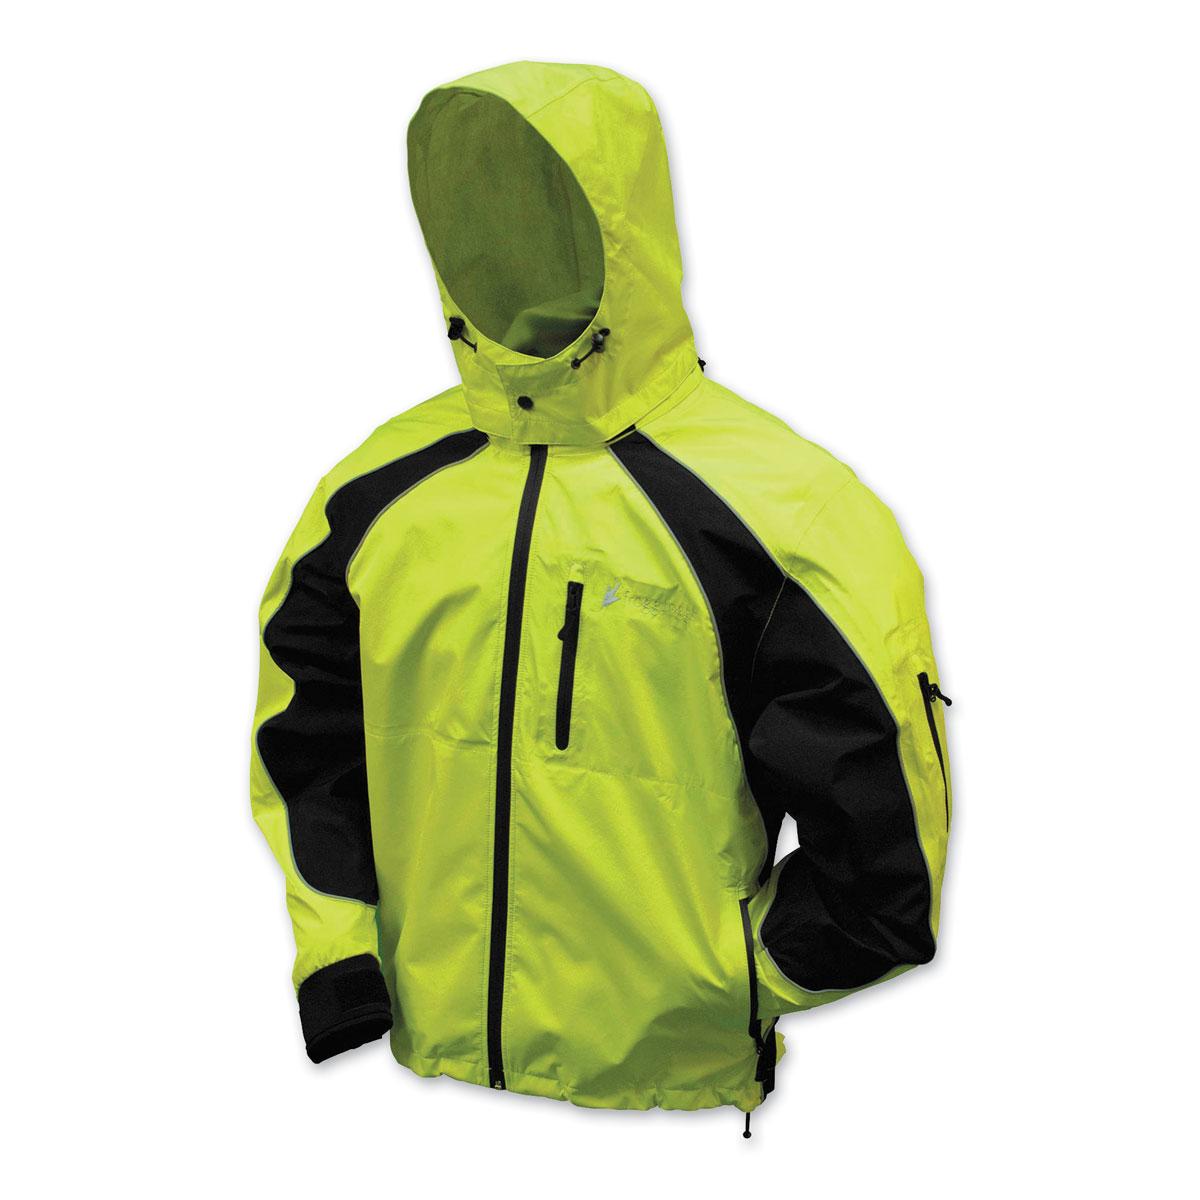 Frogg Toggs Men's Kikker II Hi-Viz/Black Rain Jacket